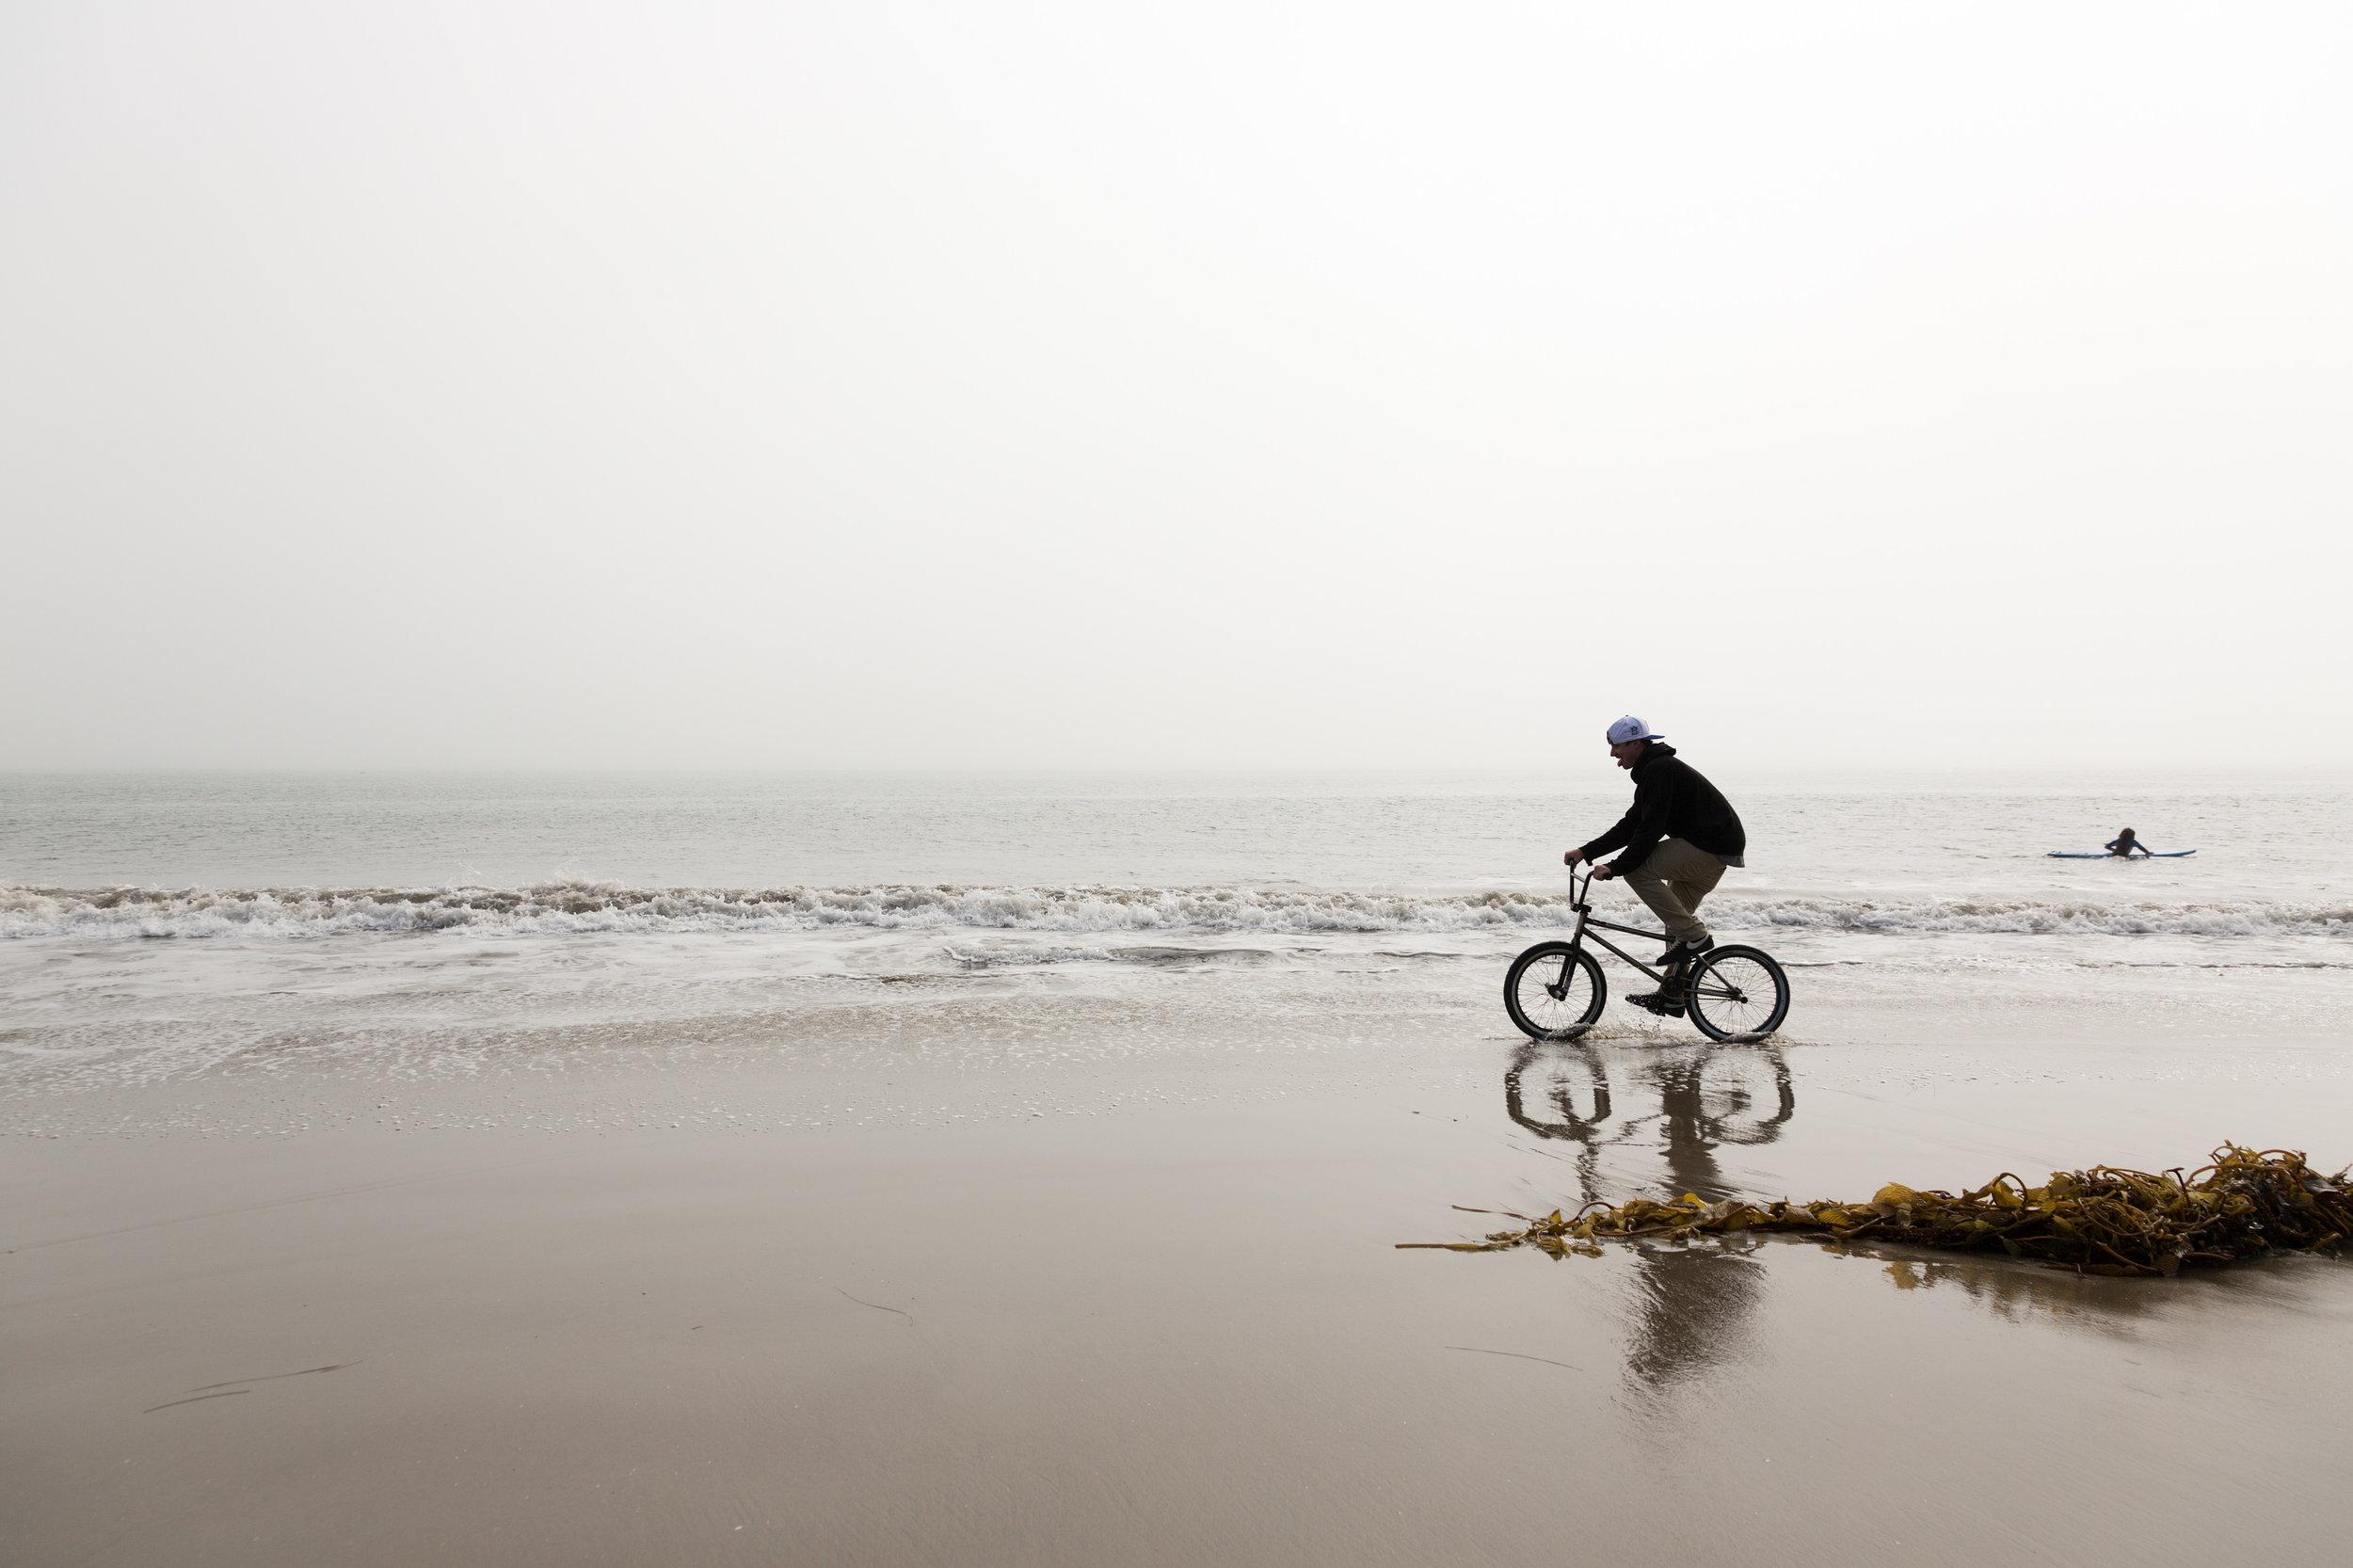 Jeff-Cadger-BMX-Beach-Devin-Feil.jpg